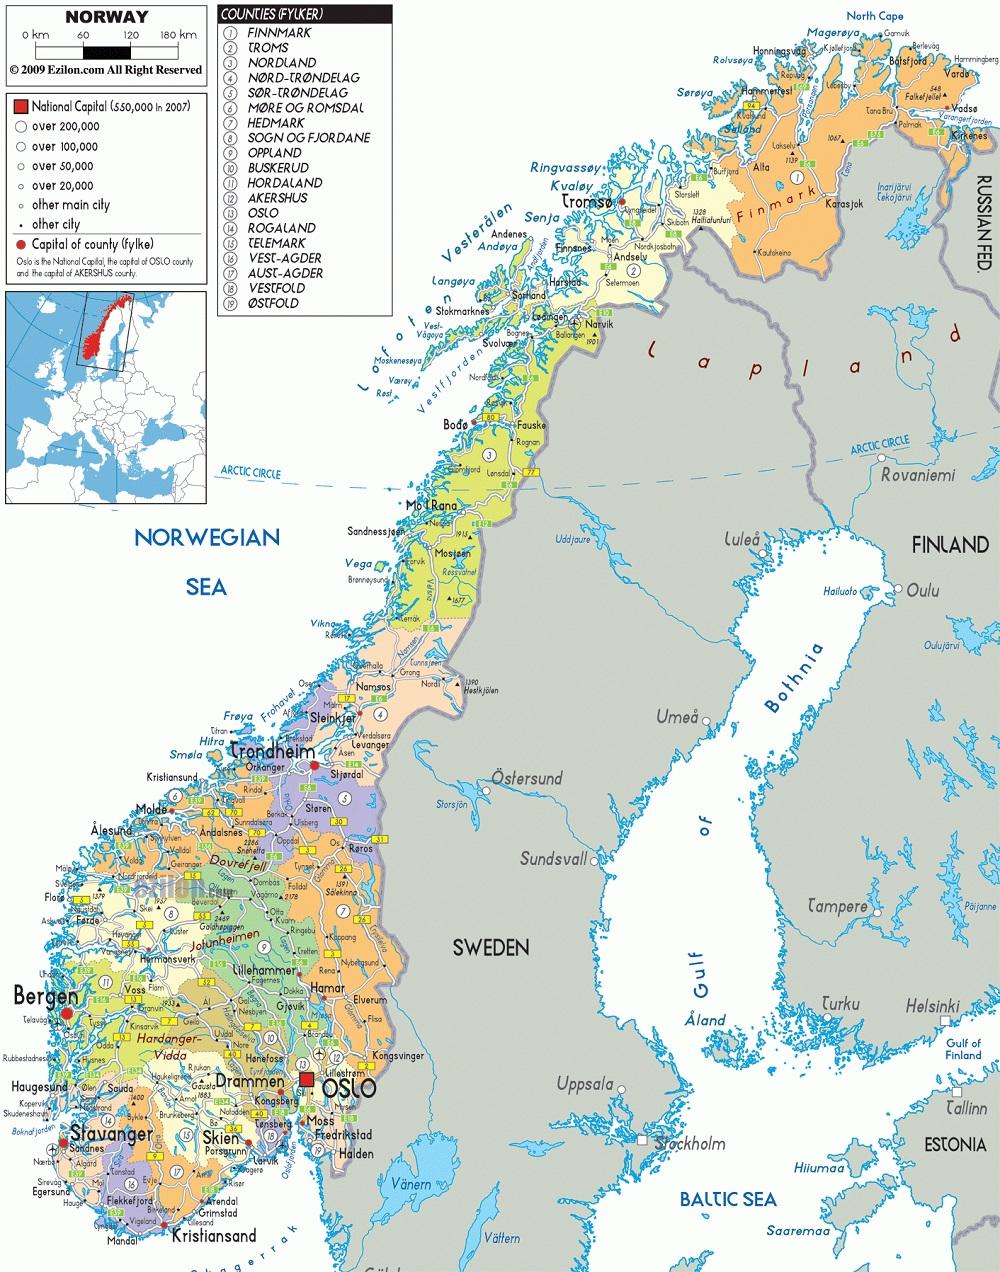 خريطة النرويج بالتفصيل